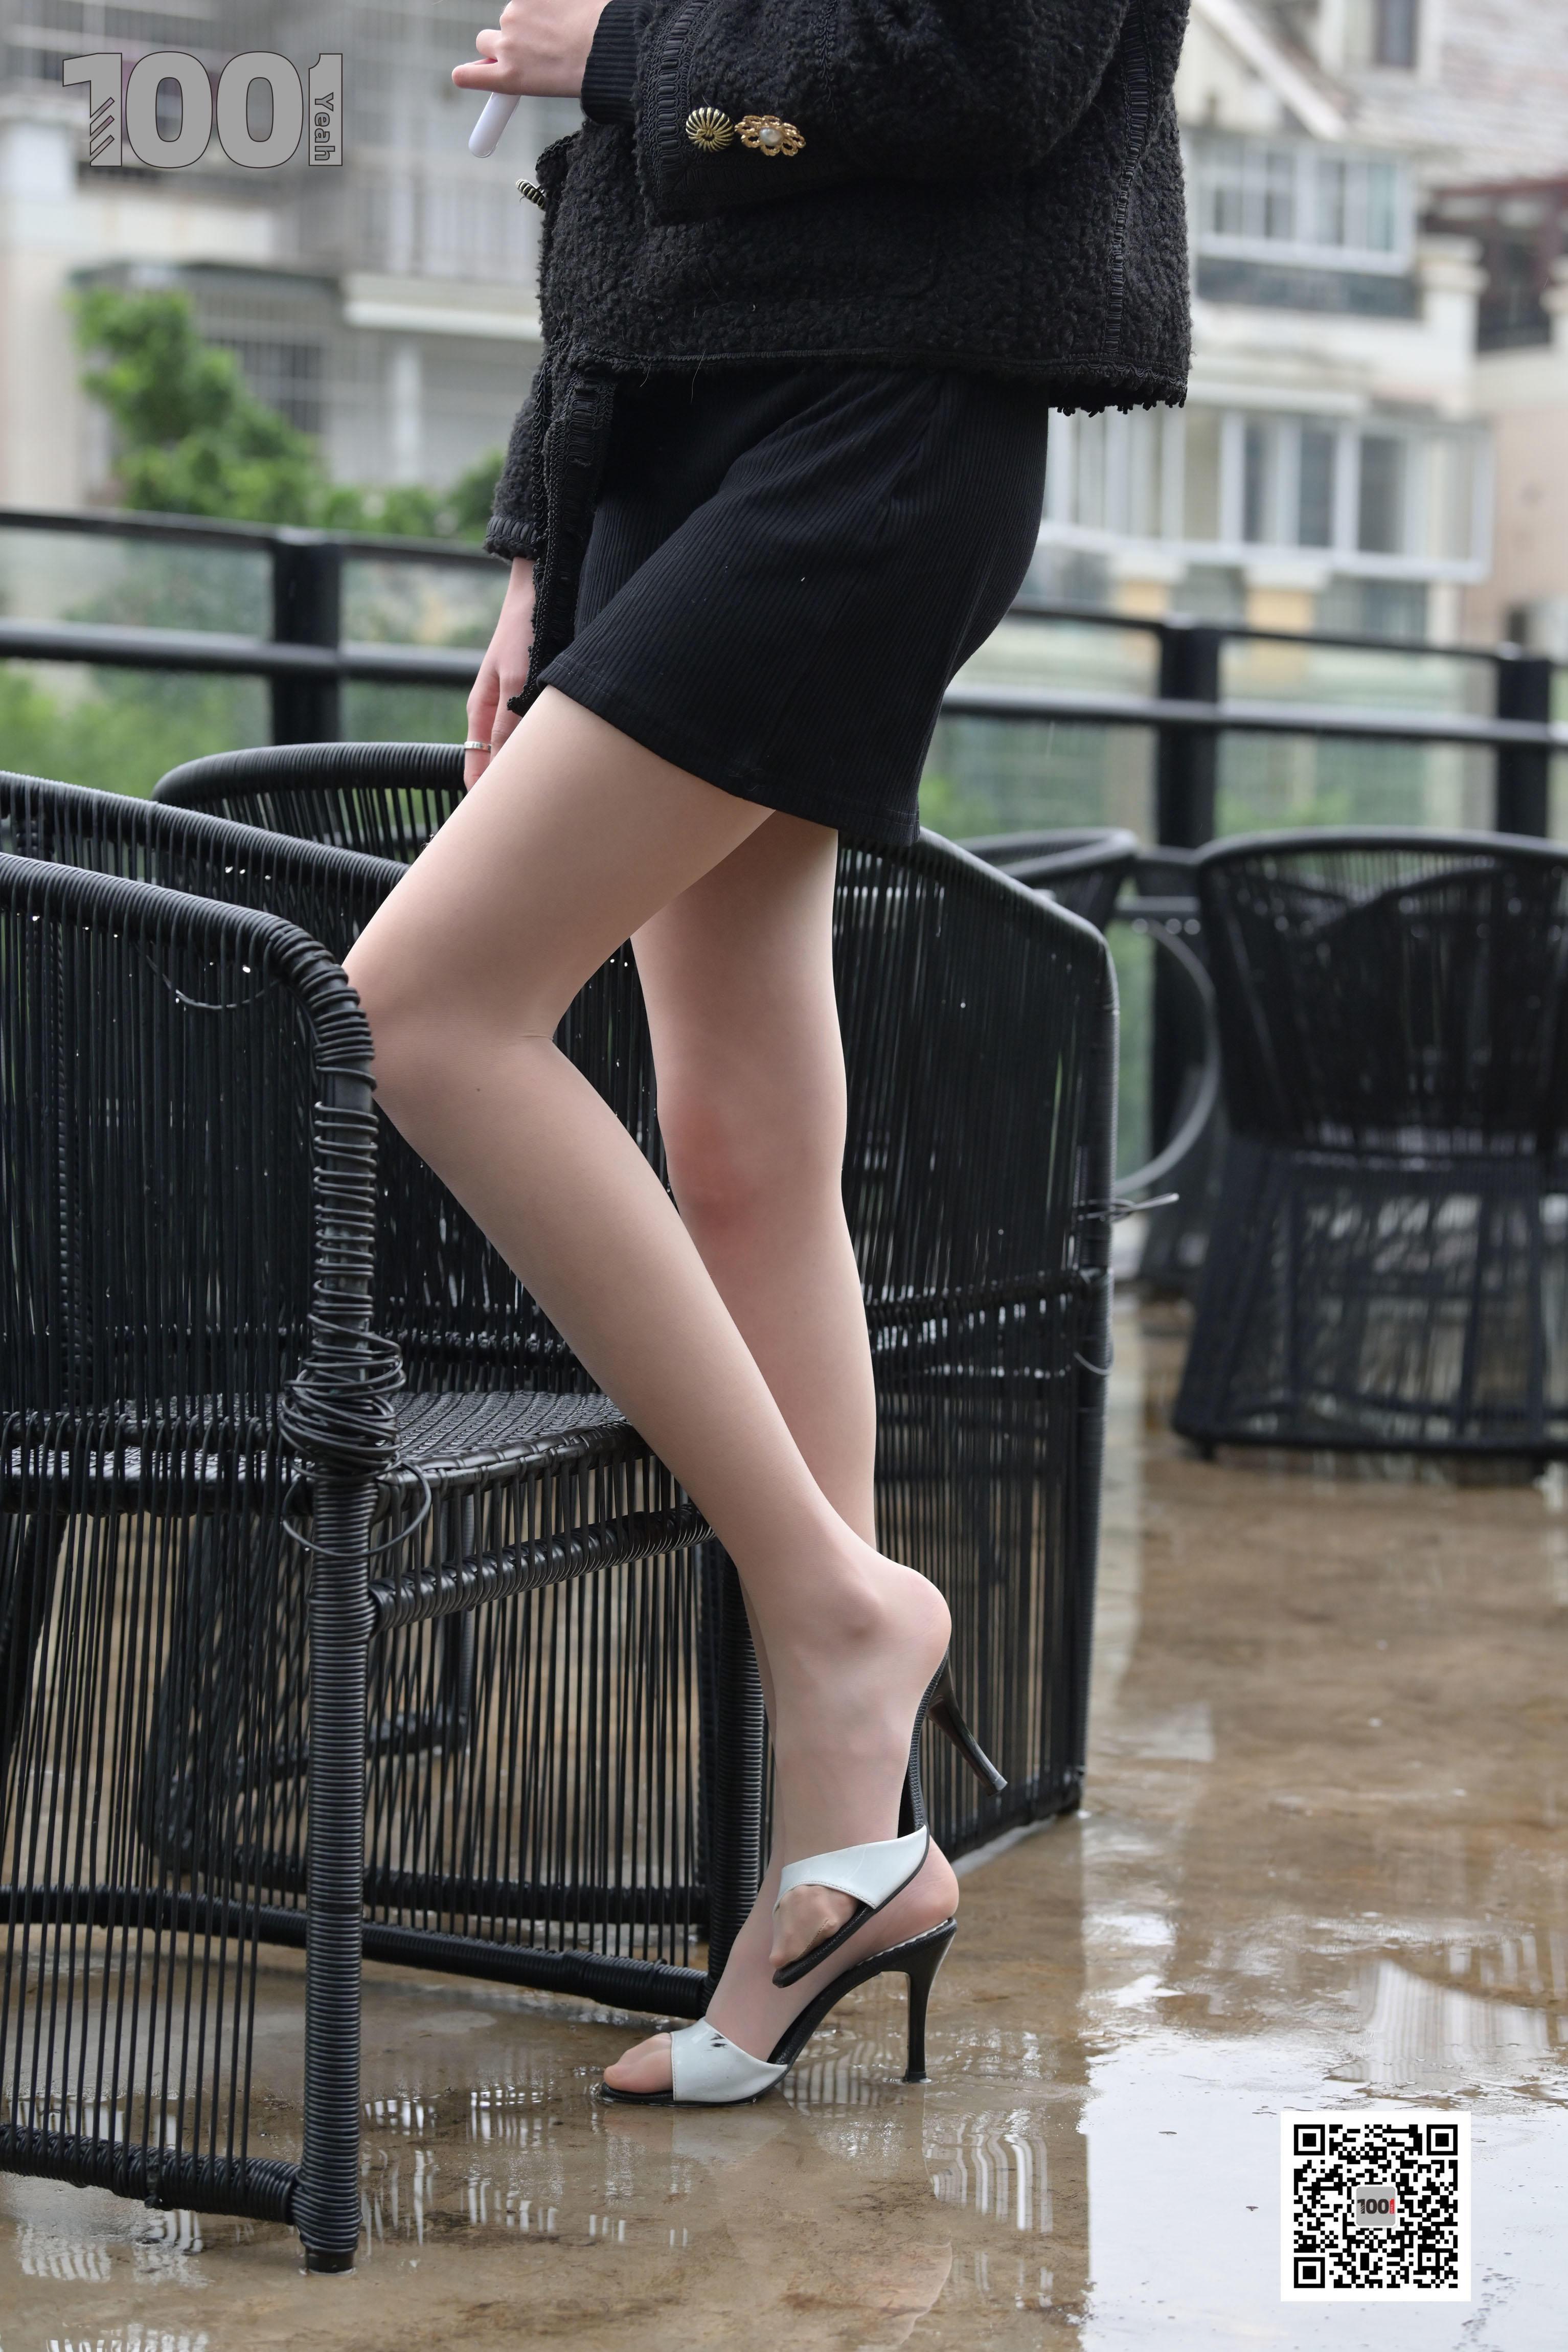 1001夜丝事 模特:《雨中漫步1》 走在路上必须多看两眼!!-蜜桃畅享